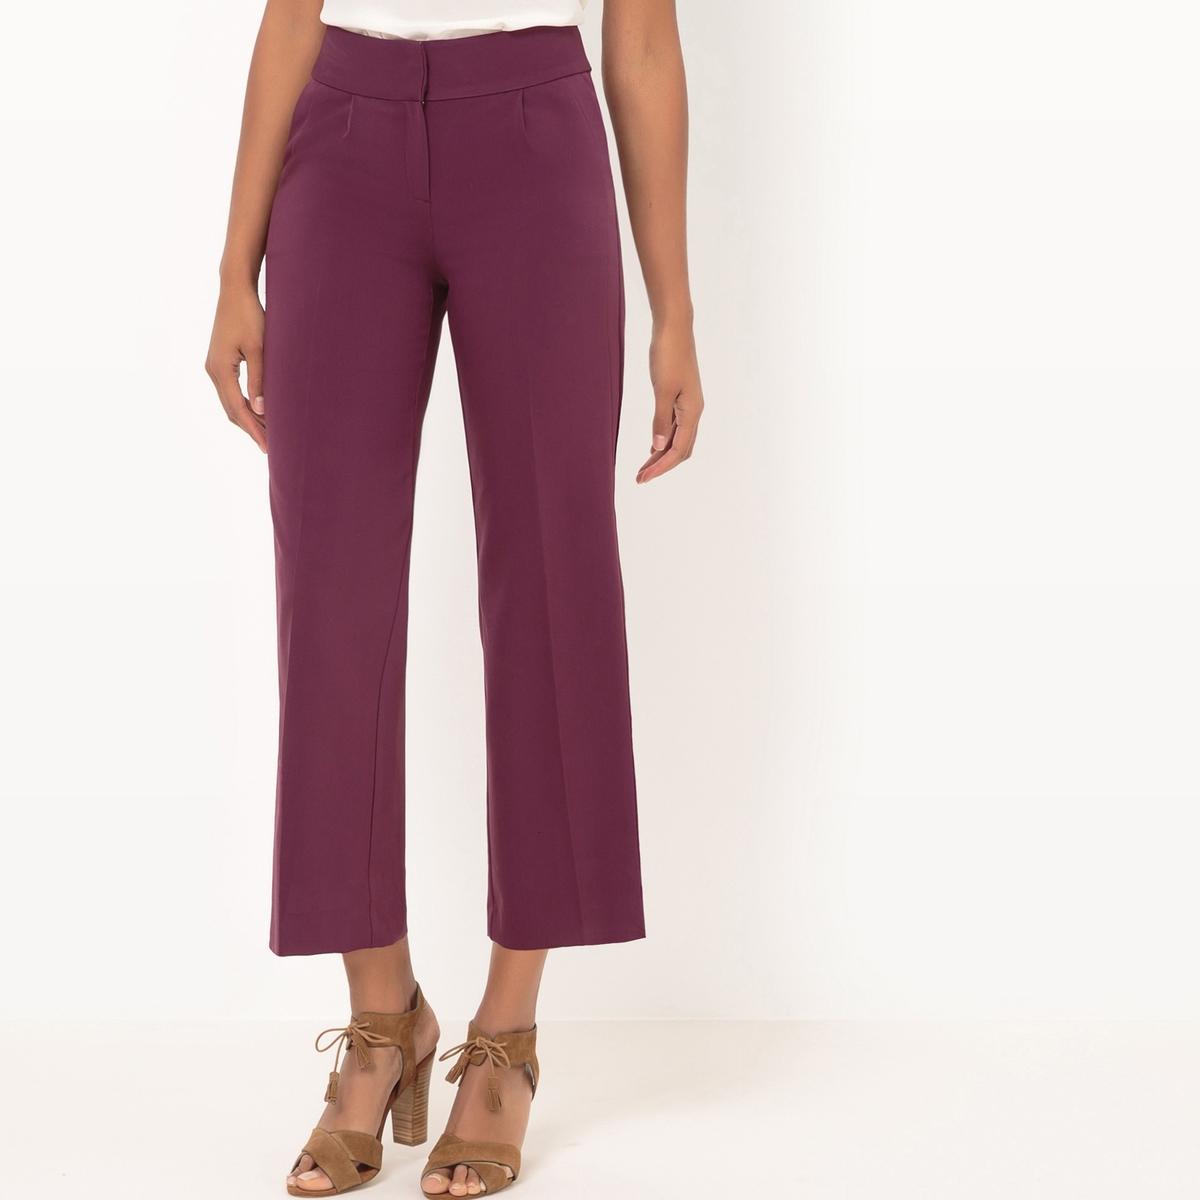 Pantaloni 3/4, taglio largo